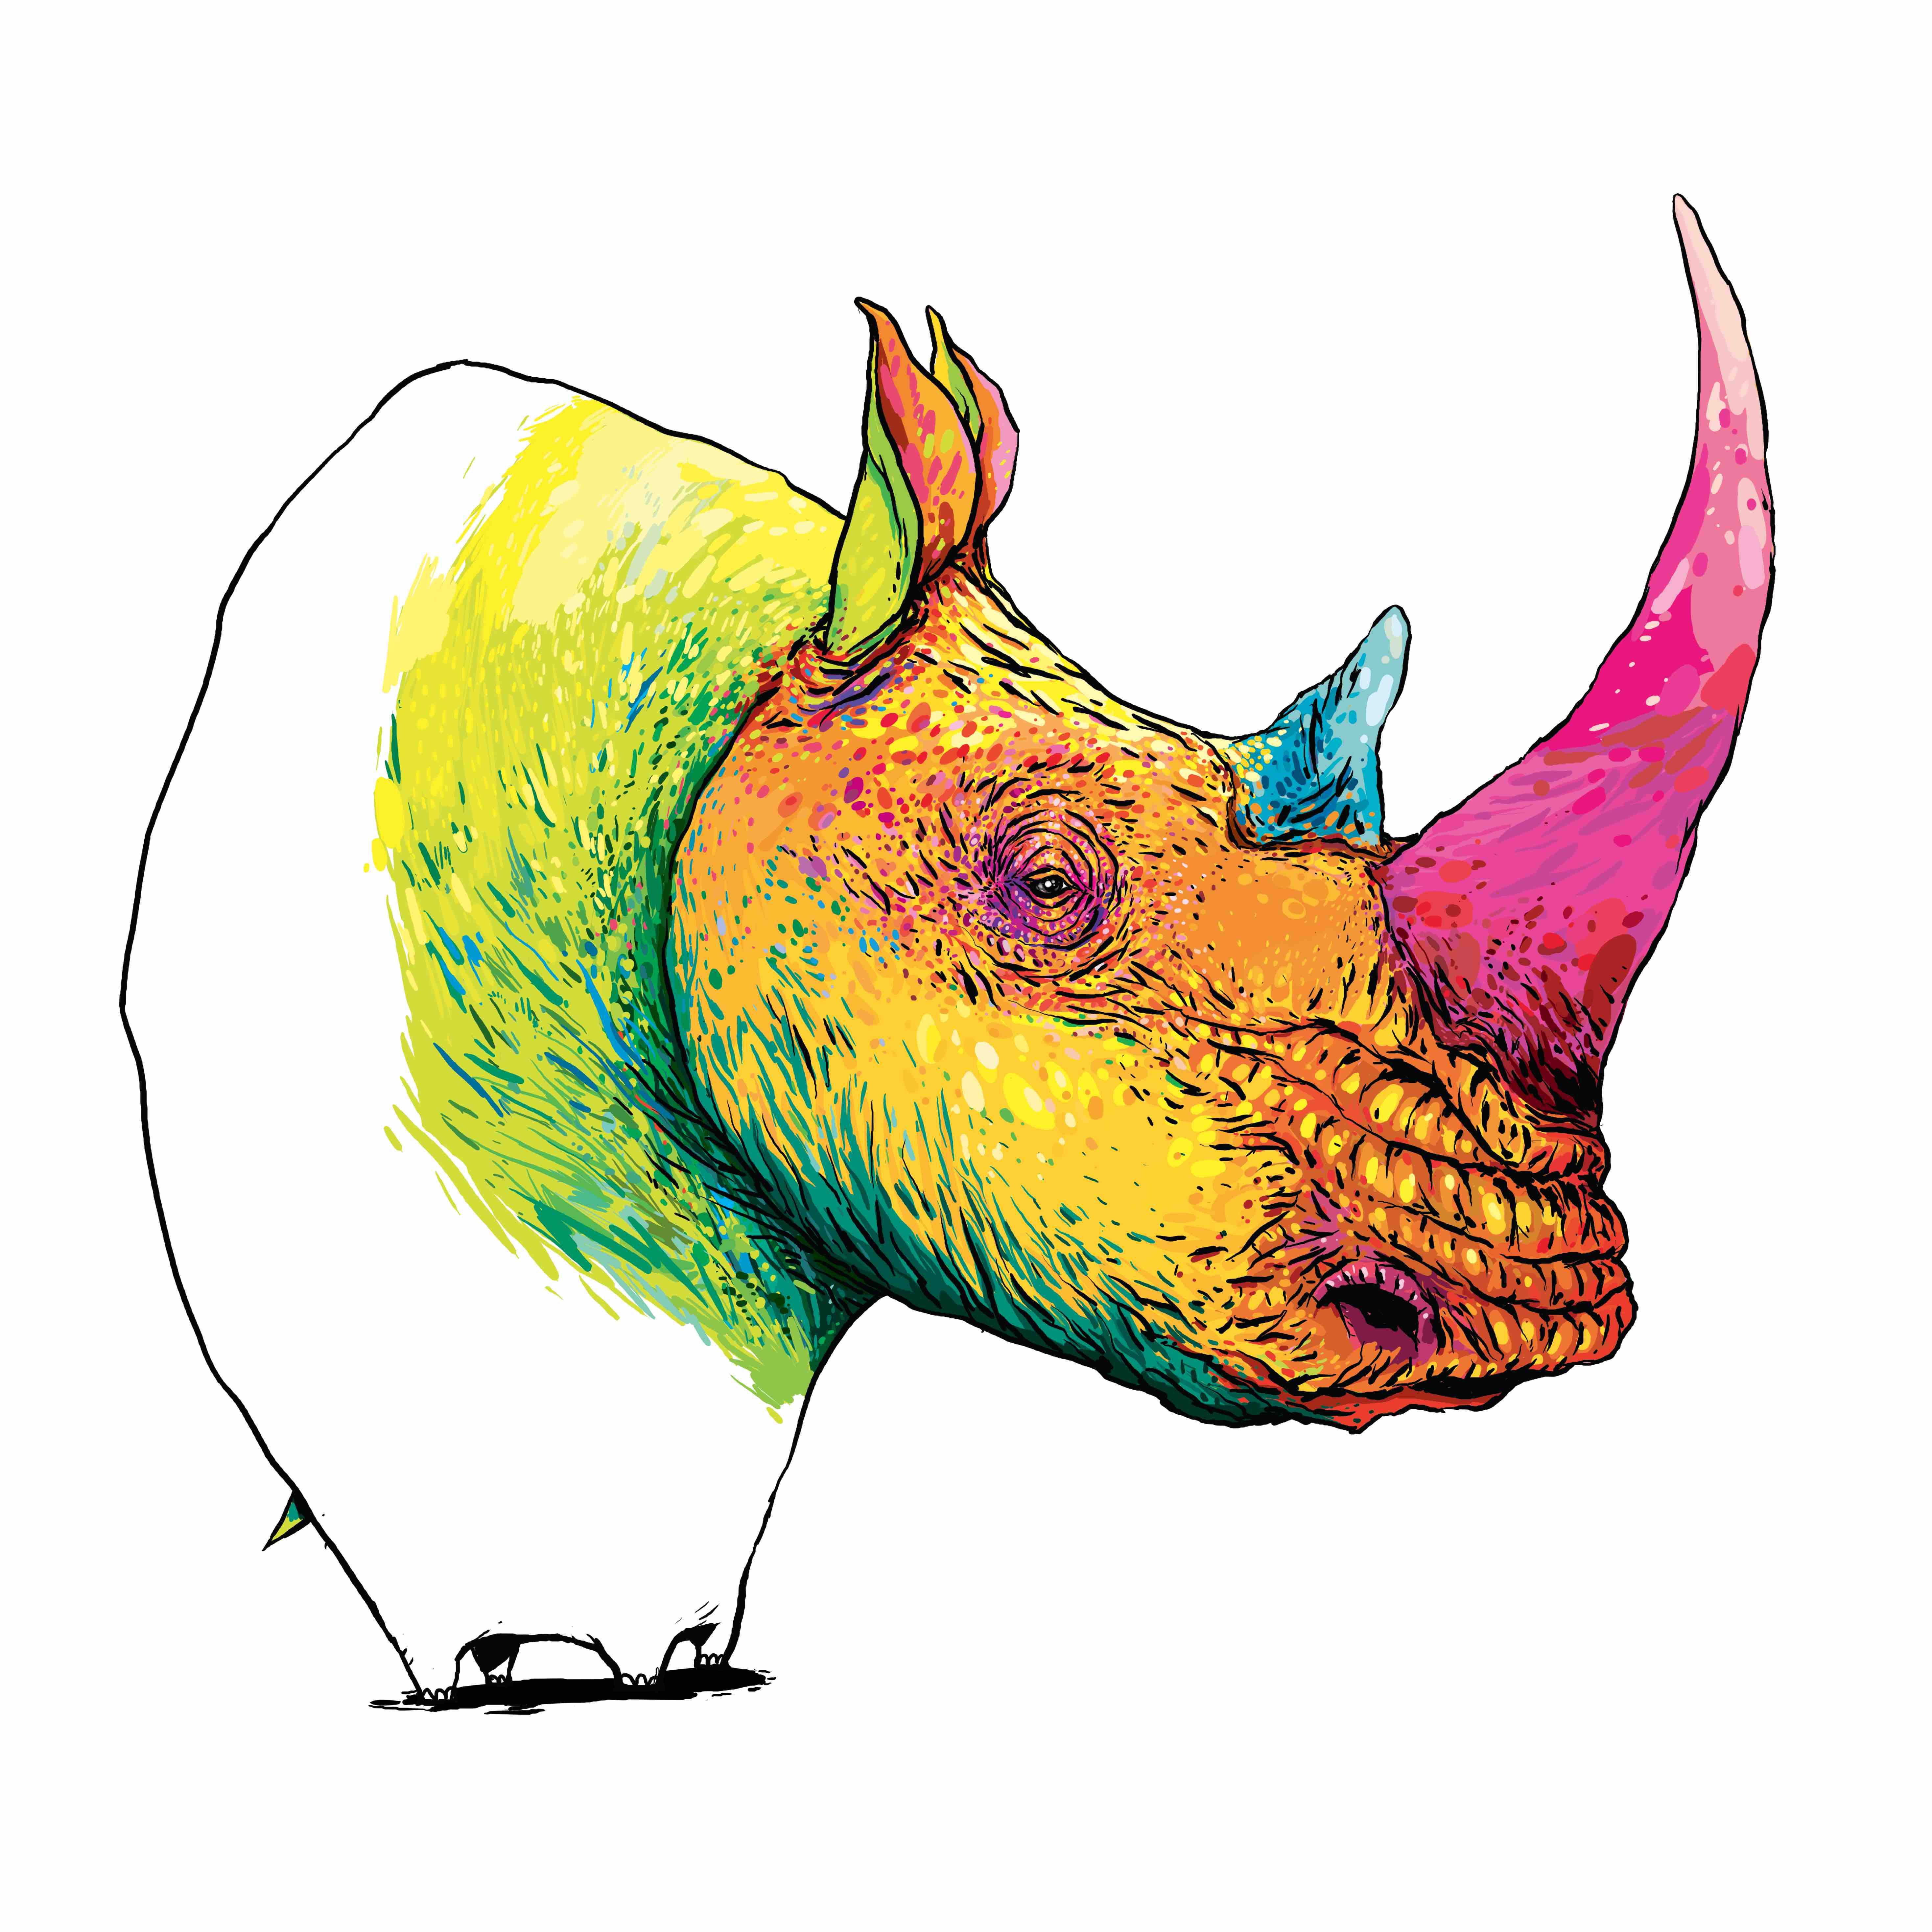 13_Rhino_Giclée print sur papier Velvet museum natural 300g_2014_ – copie